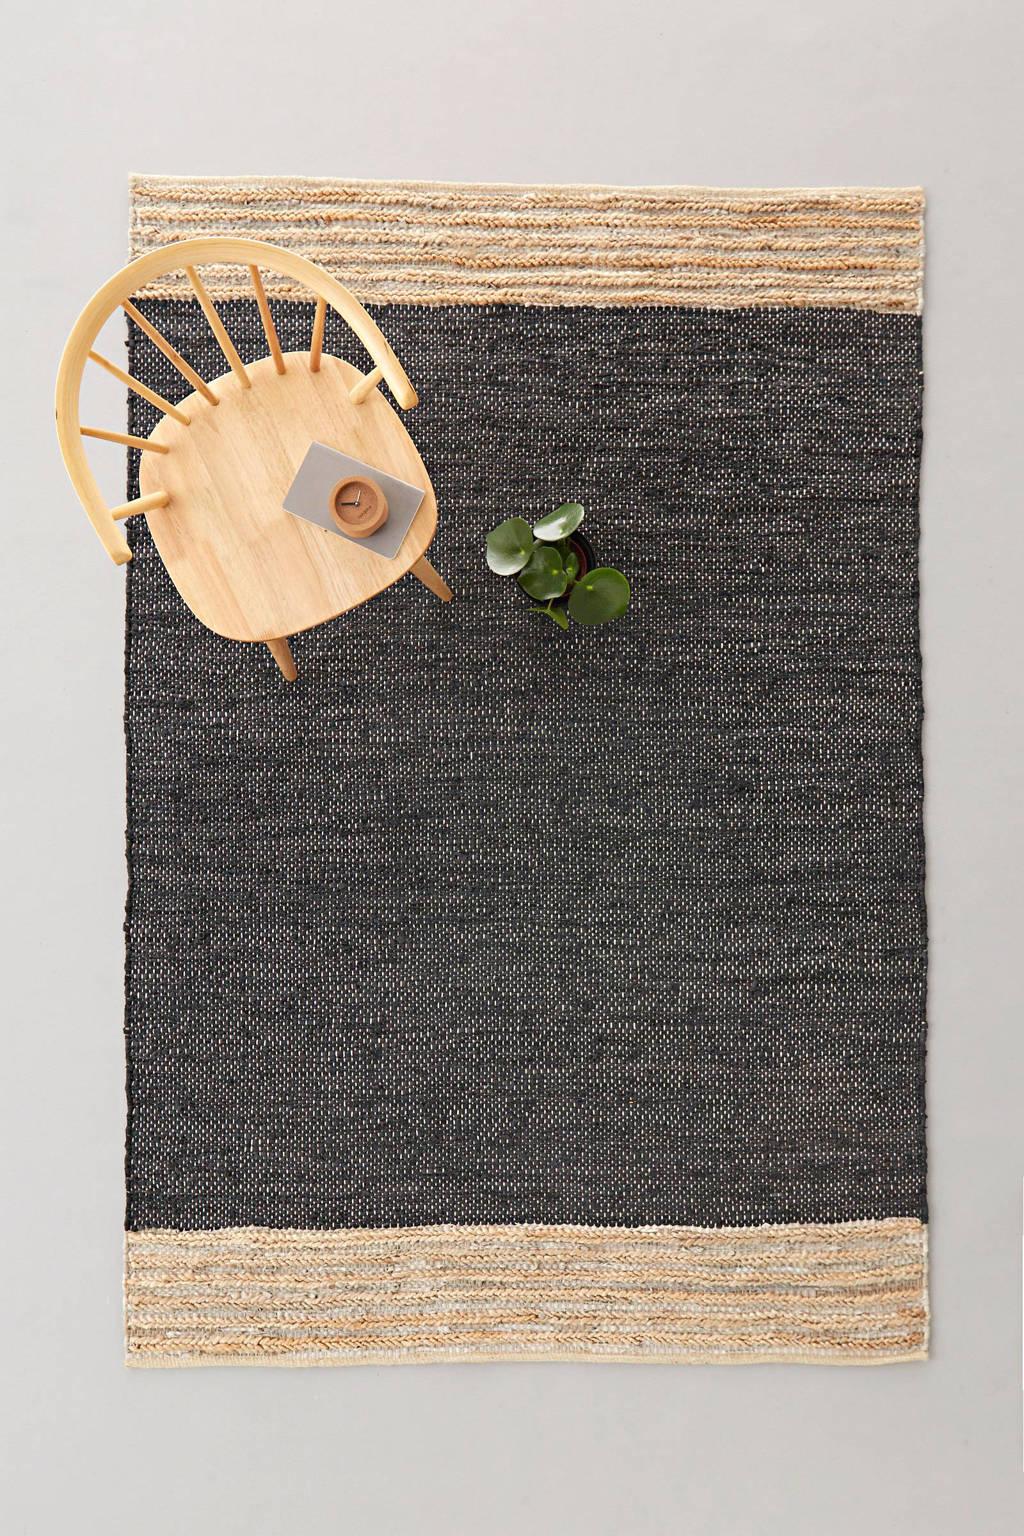 whkmp's own vloerkleed Sanne (leer)  (230x160 cm)